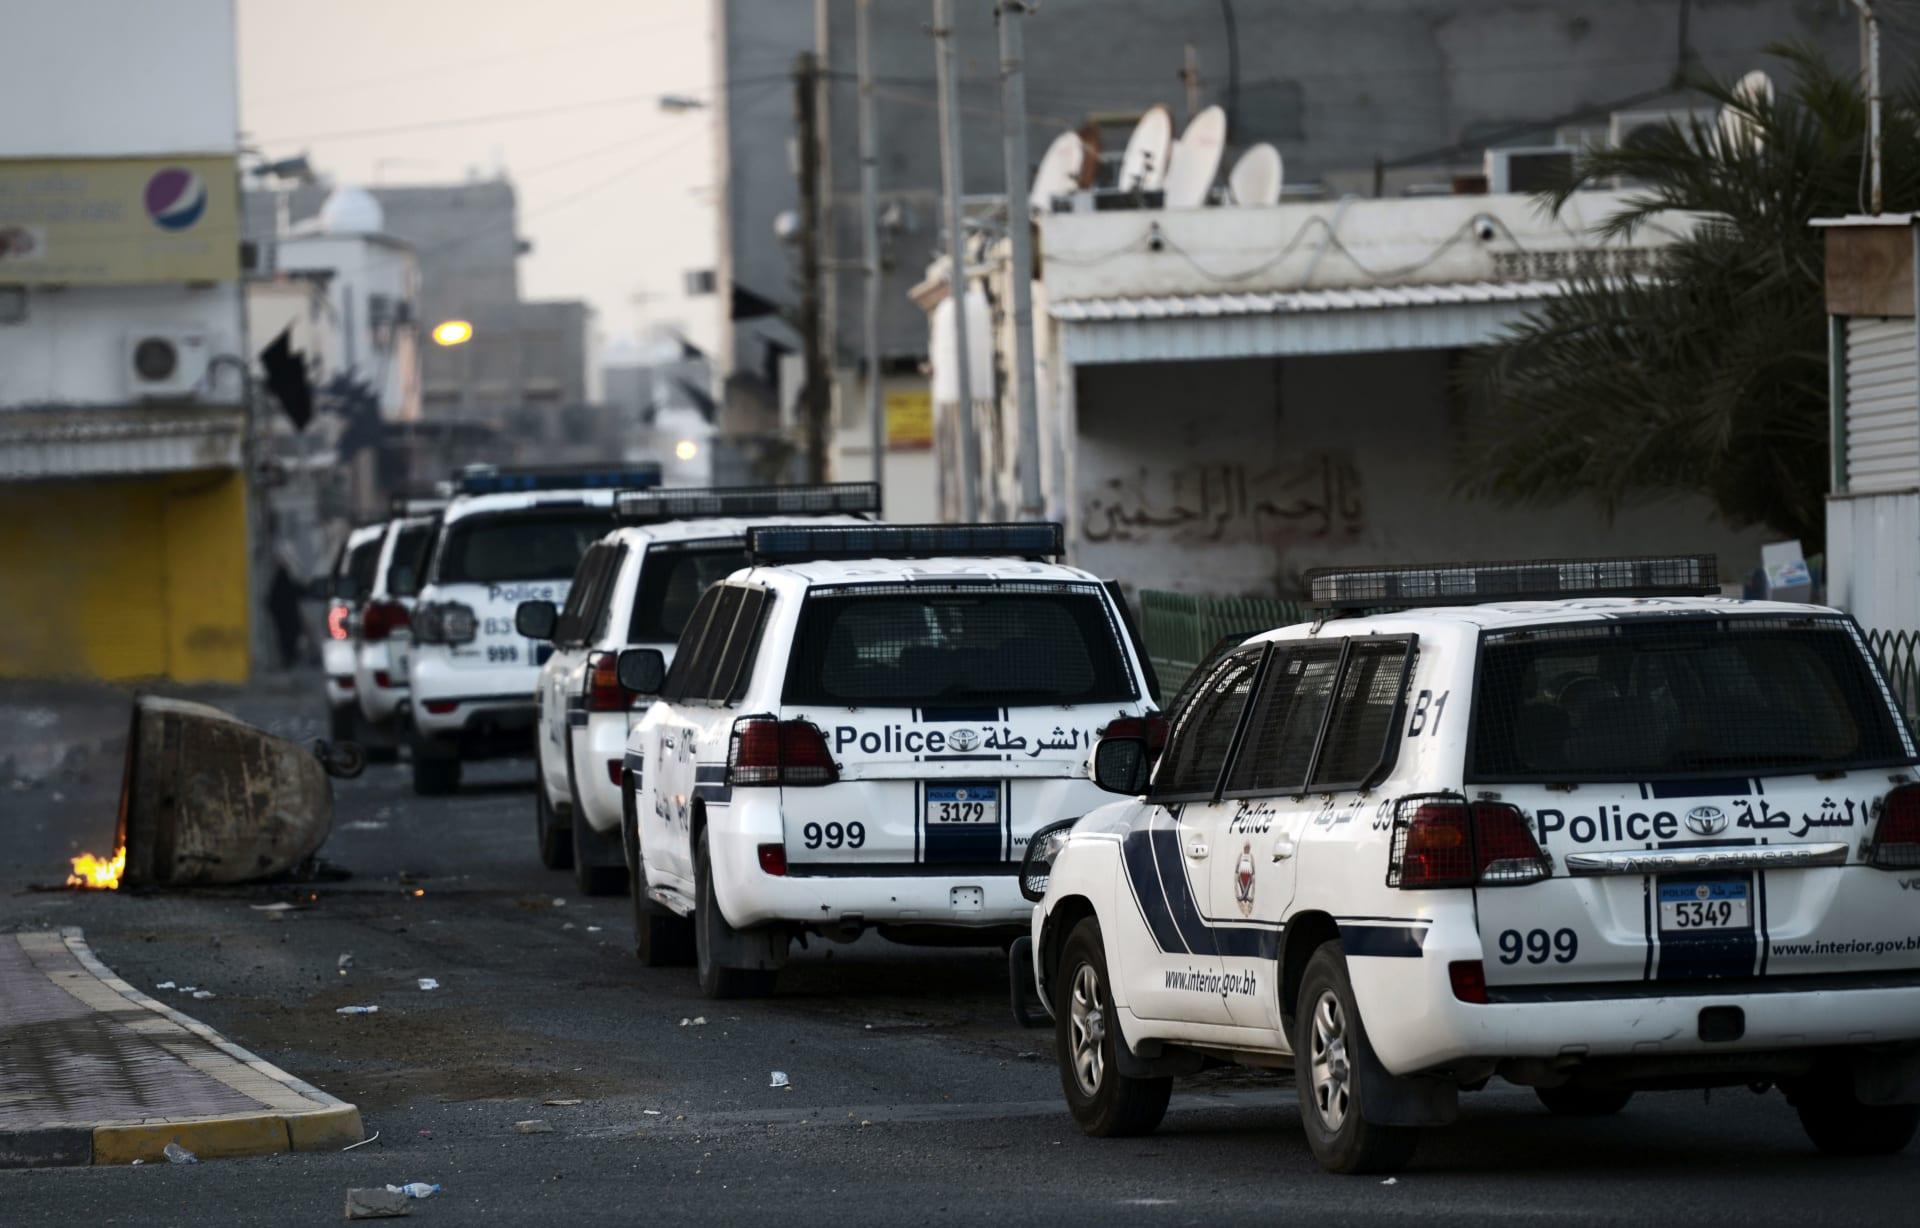 البحرين: إسقاط الجنسية عن 115 شخصا متهمين بقضية تشكيل تنظيم تابع لإيران